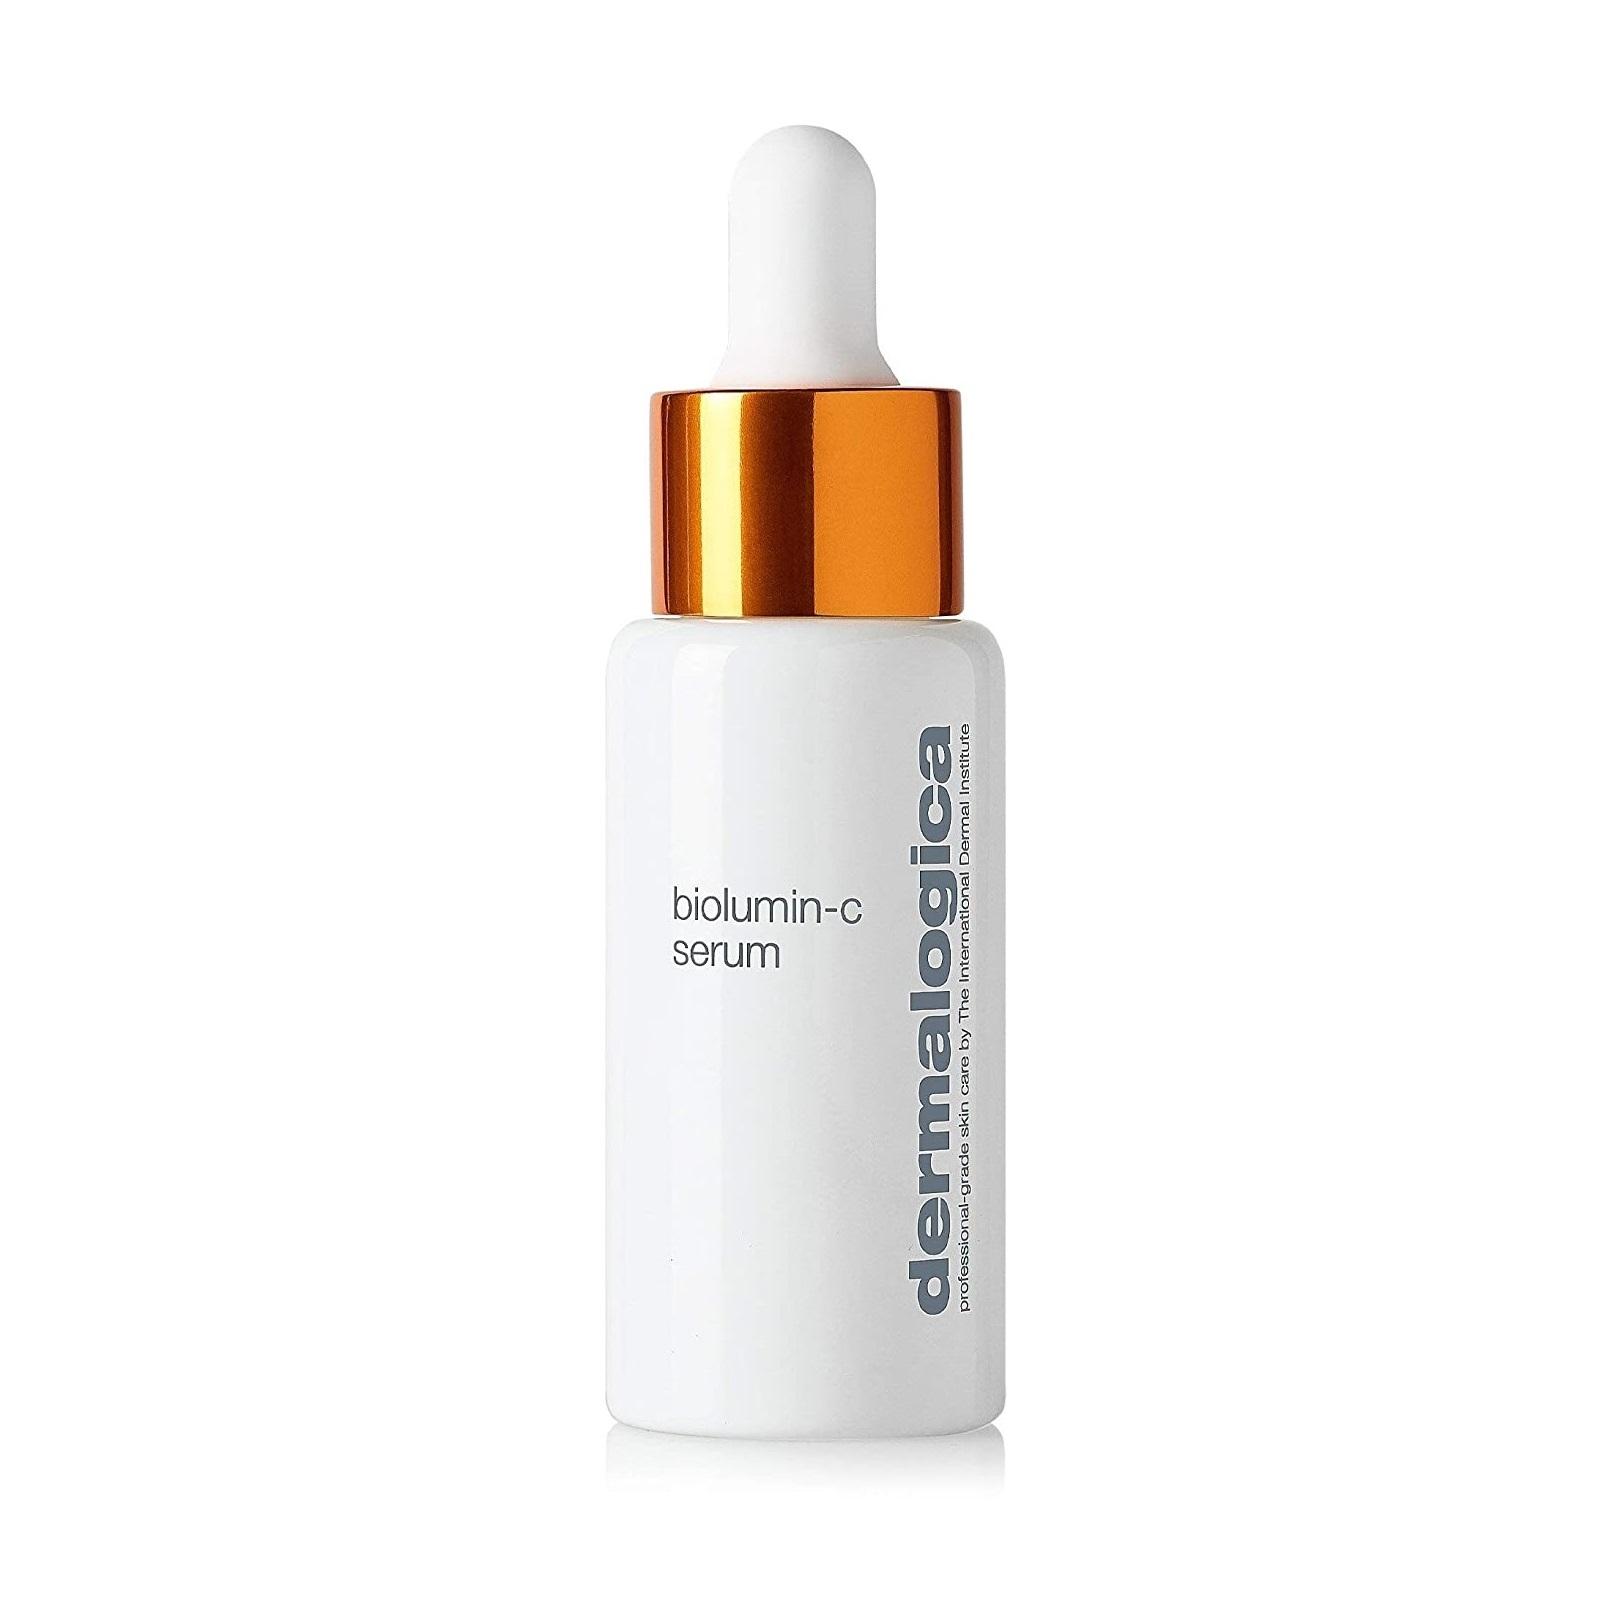 Купить Dermalogica Сыворотка для лица с витамином С «Biolumin-c» 30 мл